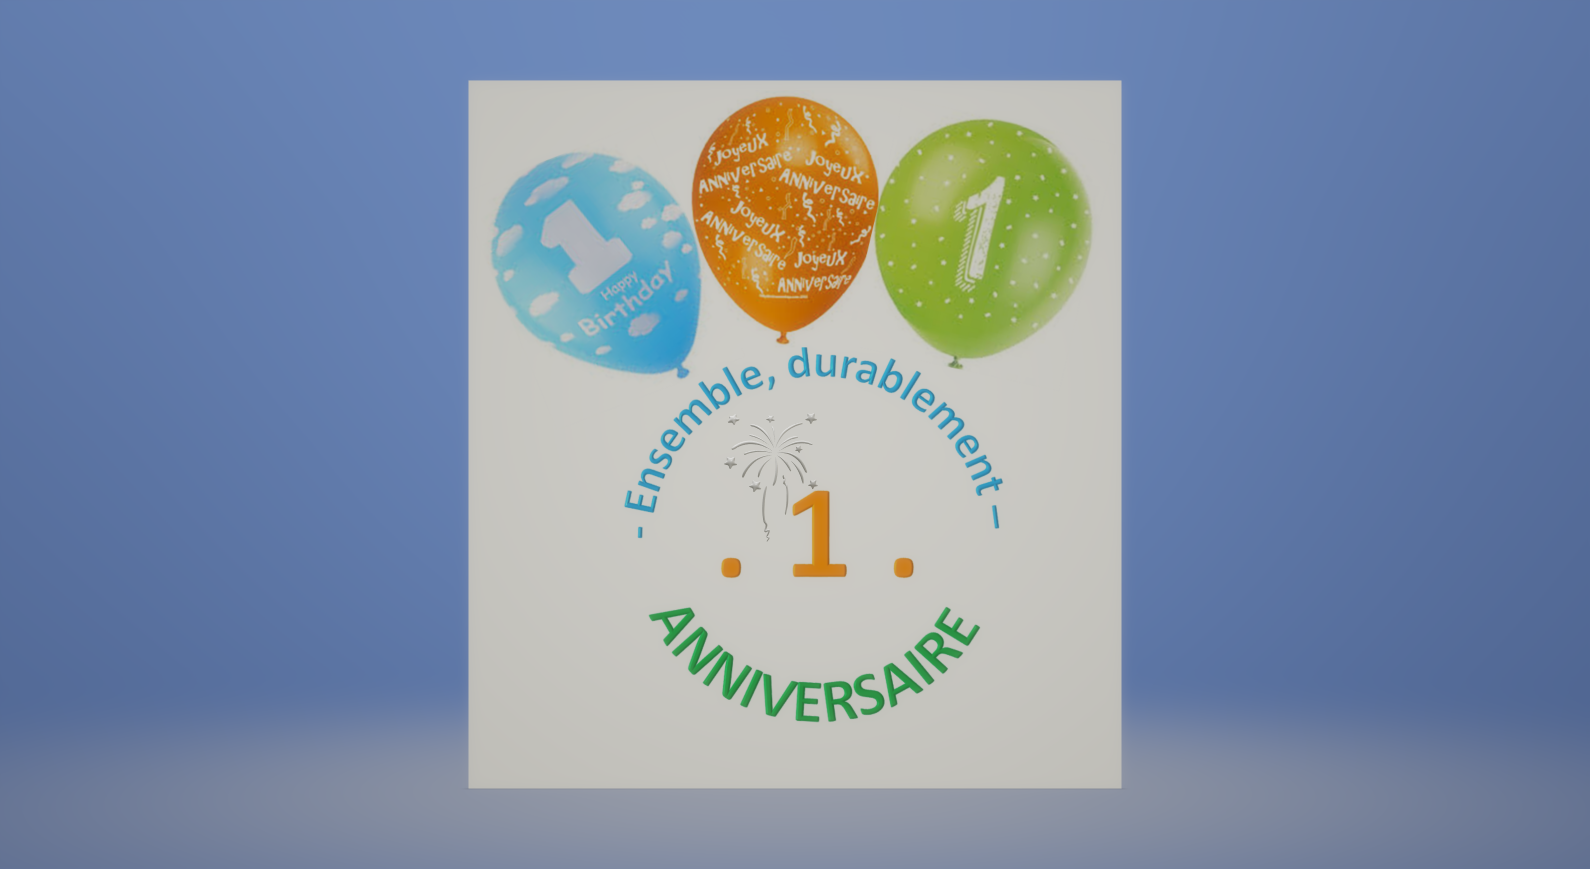 Premier anniversaire de by-id QSE